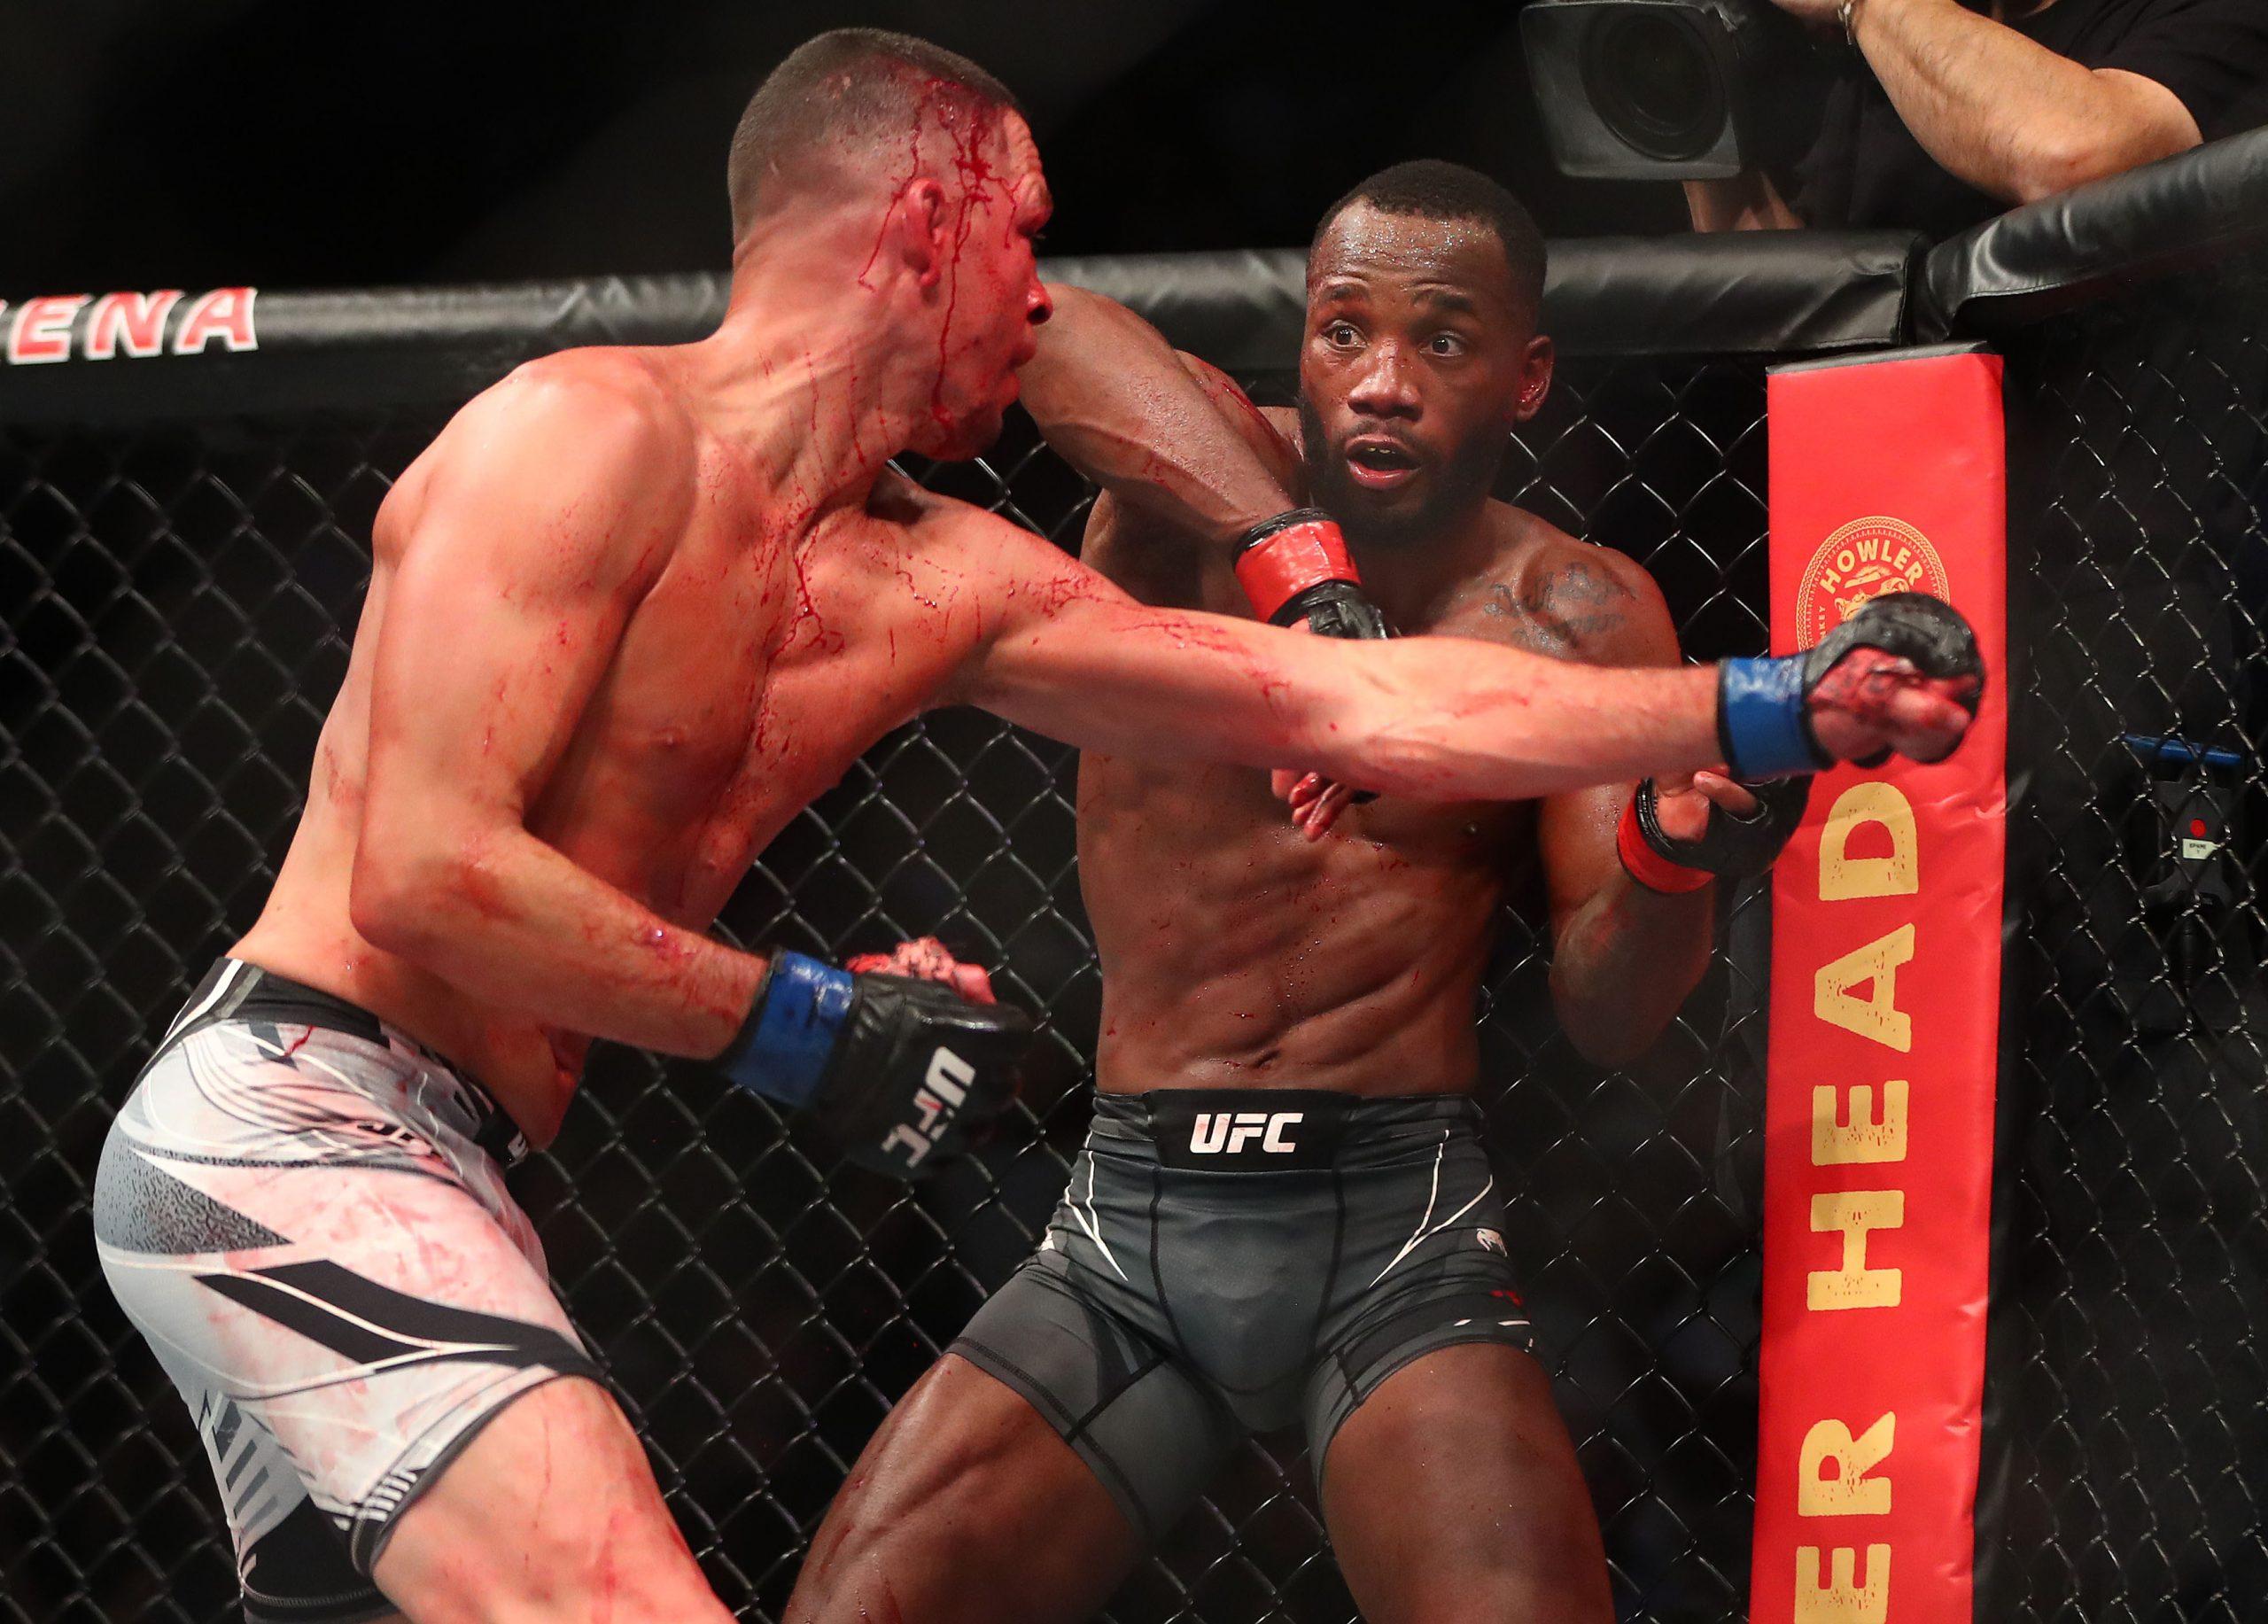 Nate Diaz hitting Leon Edwards at UFC 263